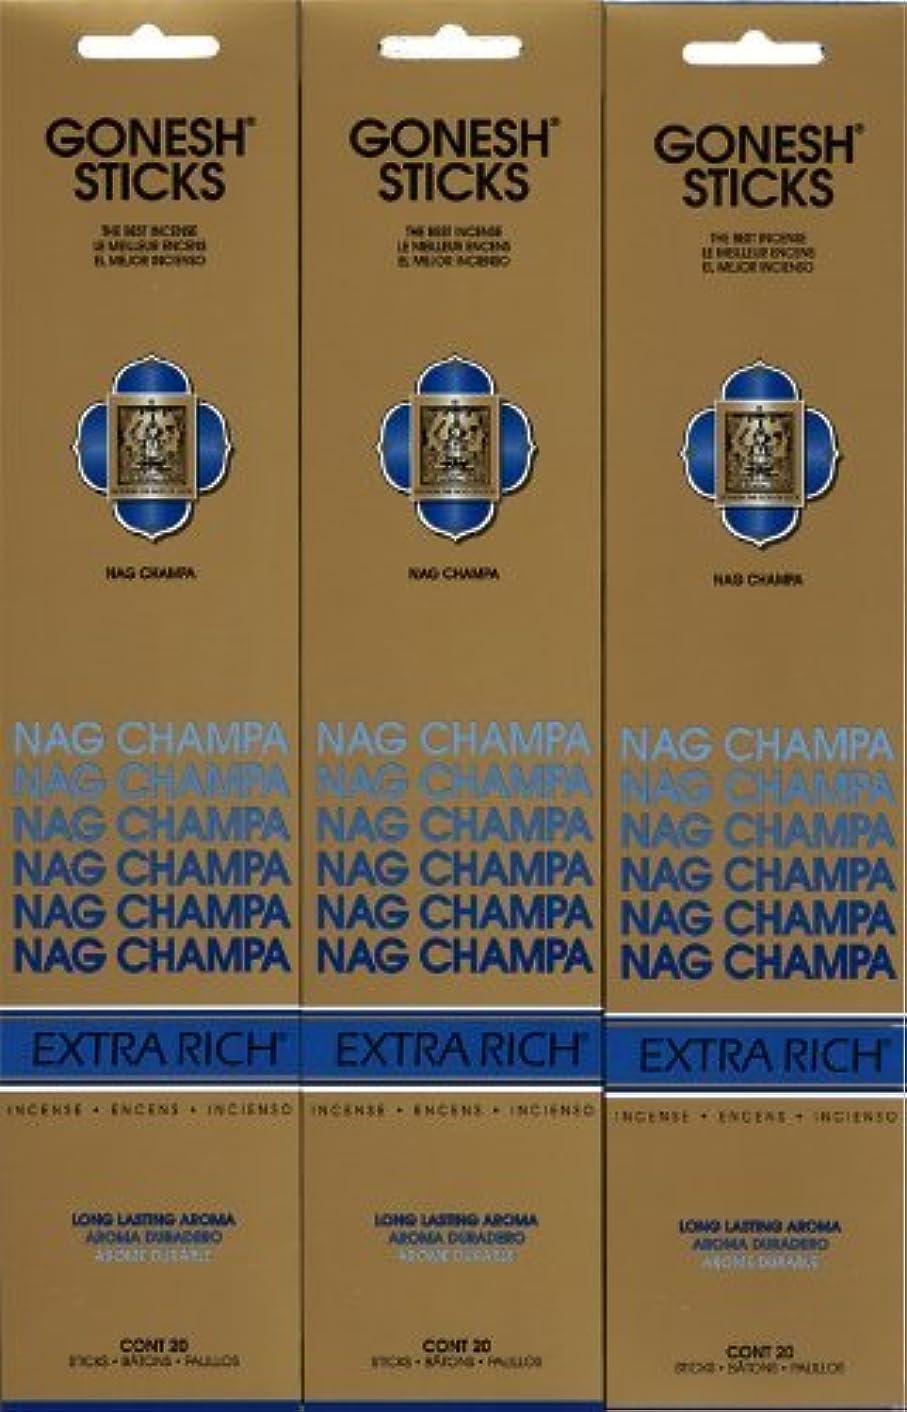 カイウス文法調停者GONESH NAG CHAMPA ナグチャンパ スティック 20本入り X 3パック (60本)